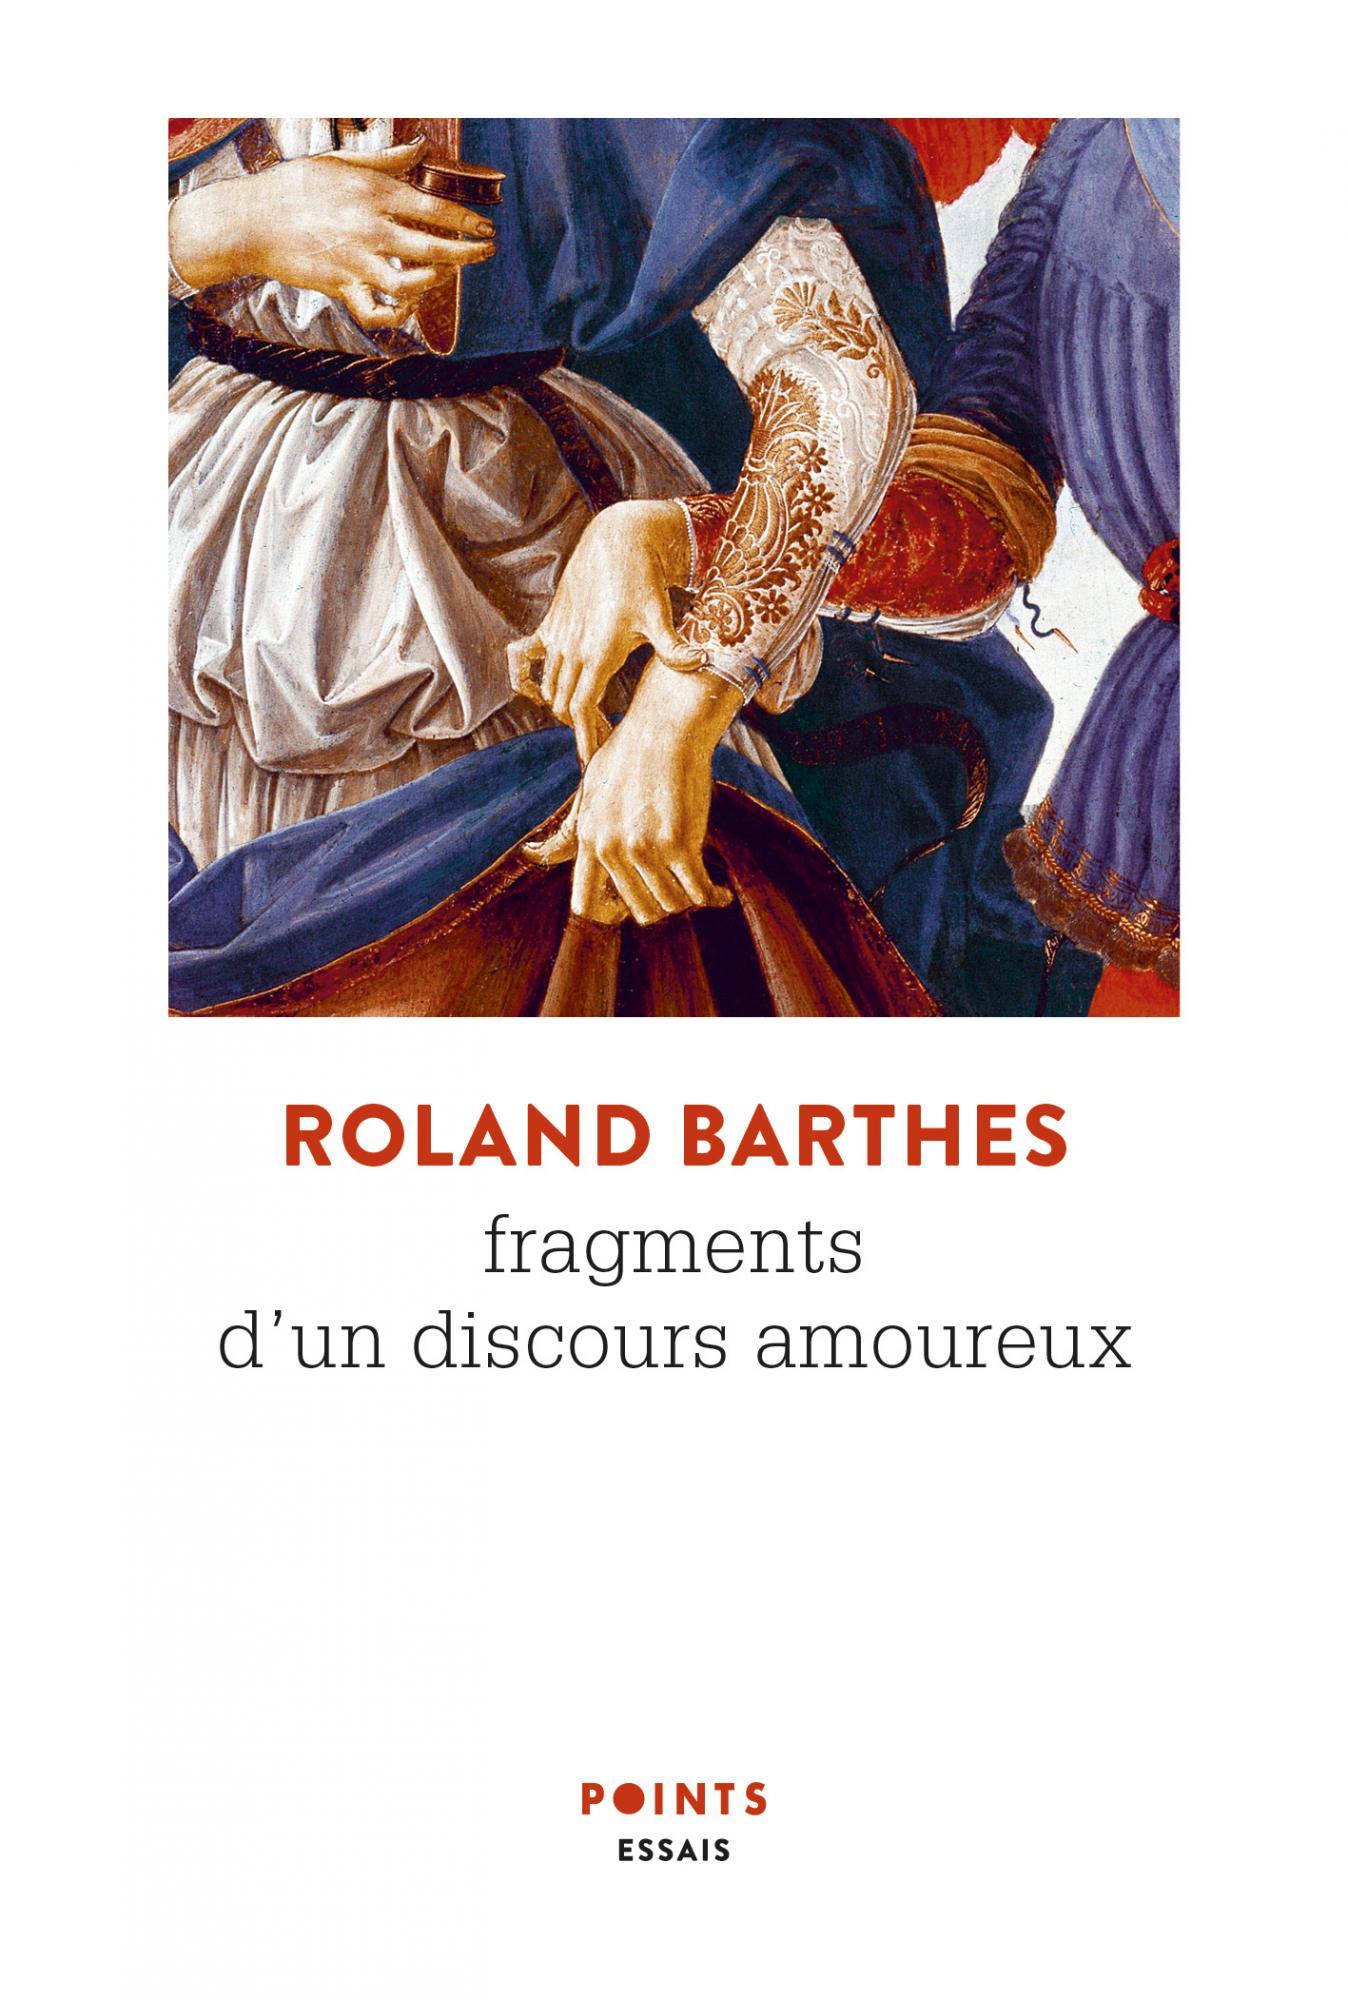 R. Barthes, Fragments d'un discours amoureux (Points Seuil)